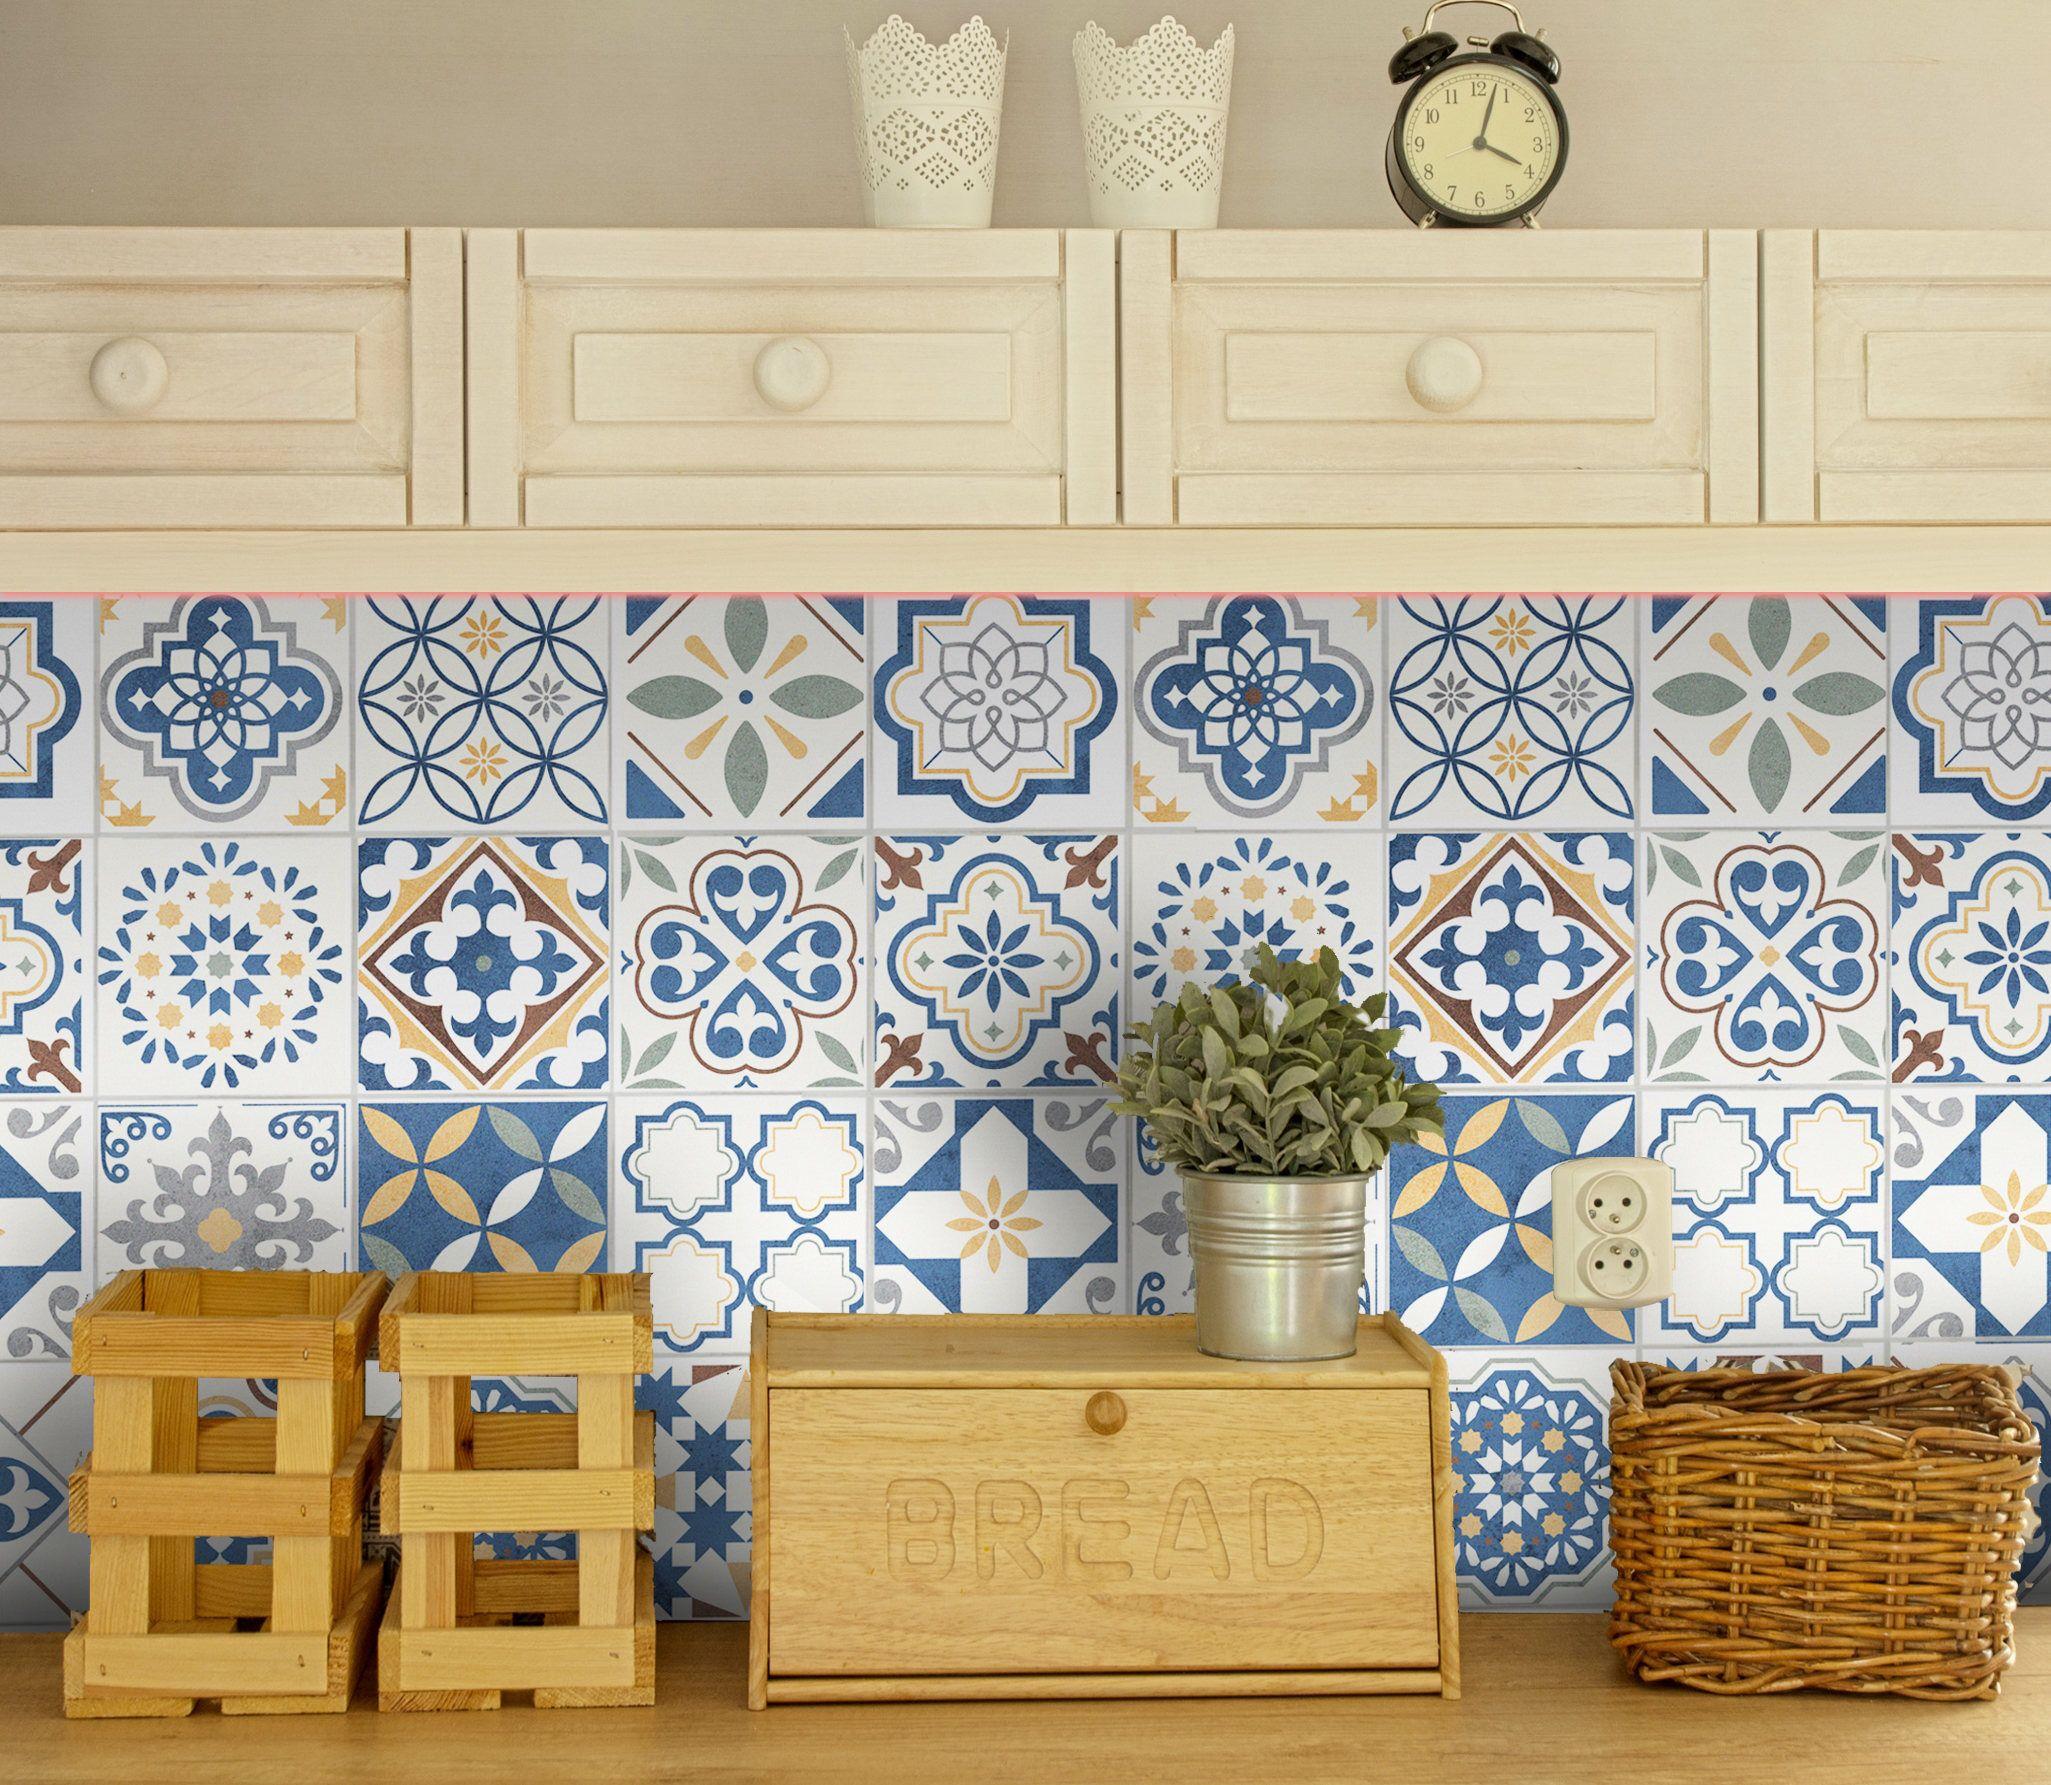 Fliesenaufkleber Spanisch Fliesenfolie 16st Azulejo Fliesen Sticker Portugiesisch Designfolie Fliesensticker Marokk Kuchendesign Fliesenfolie